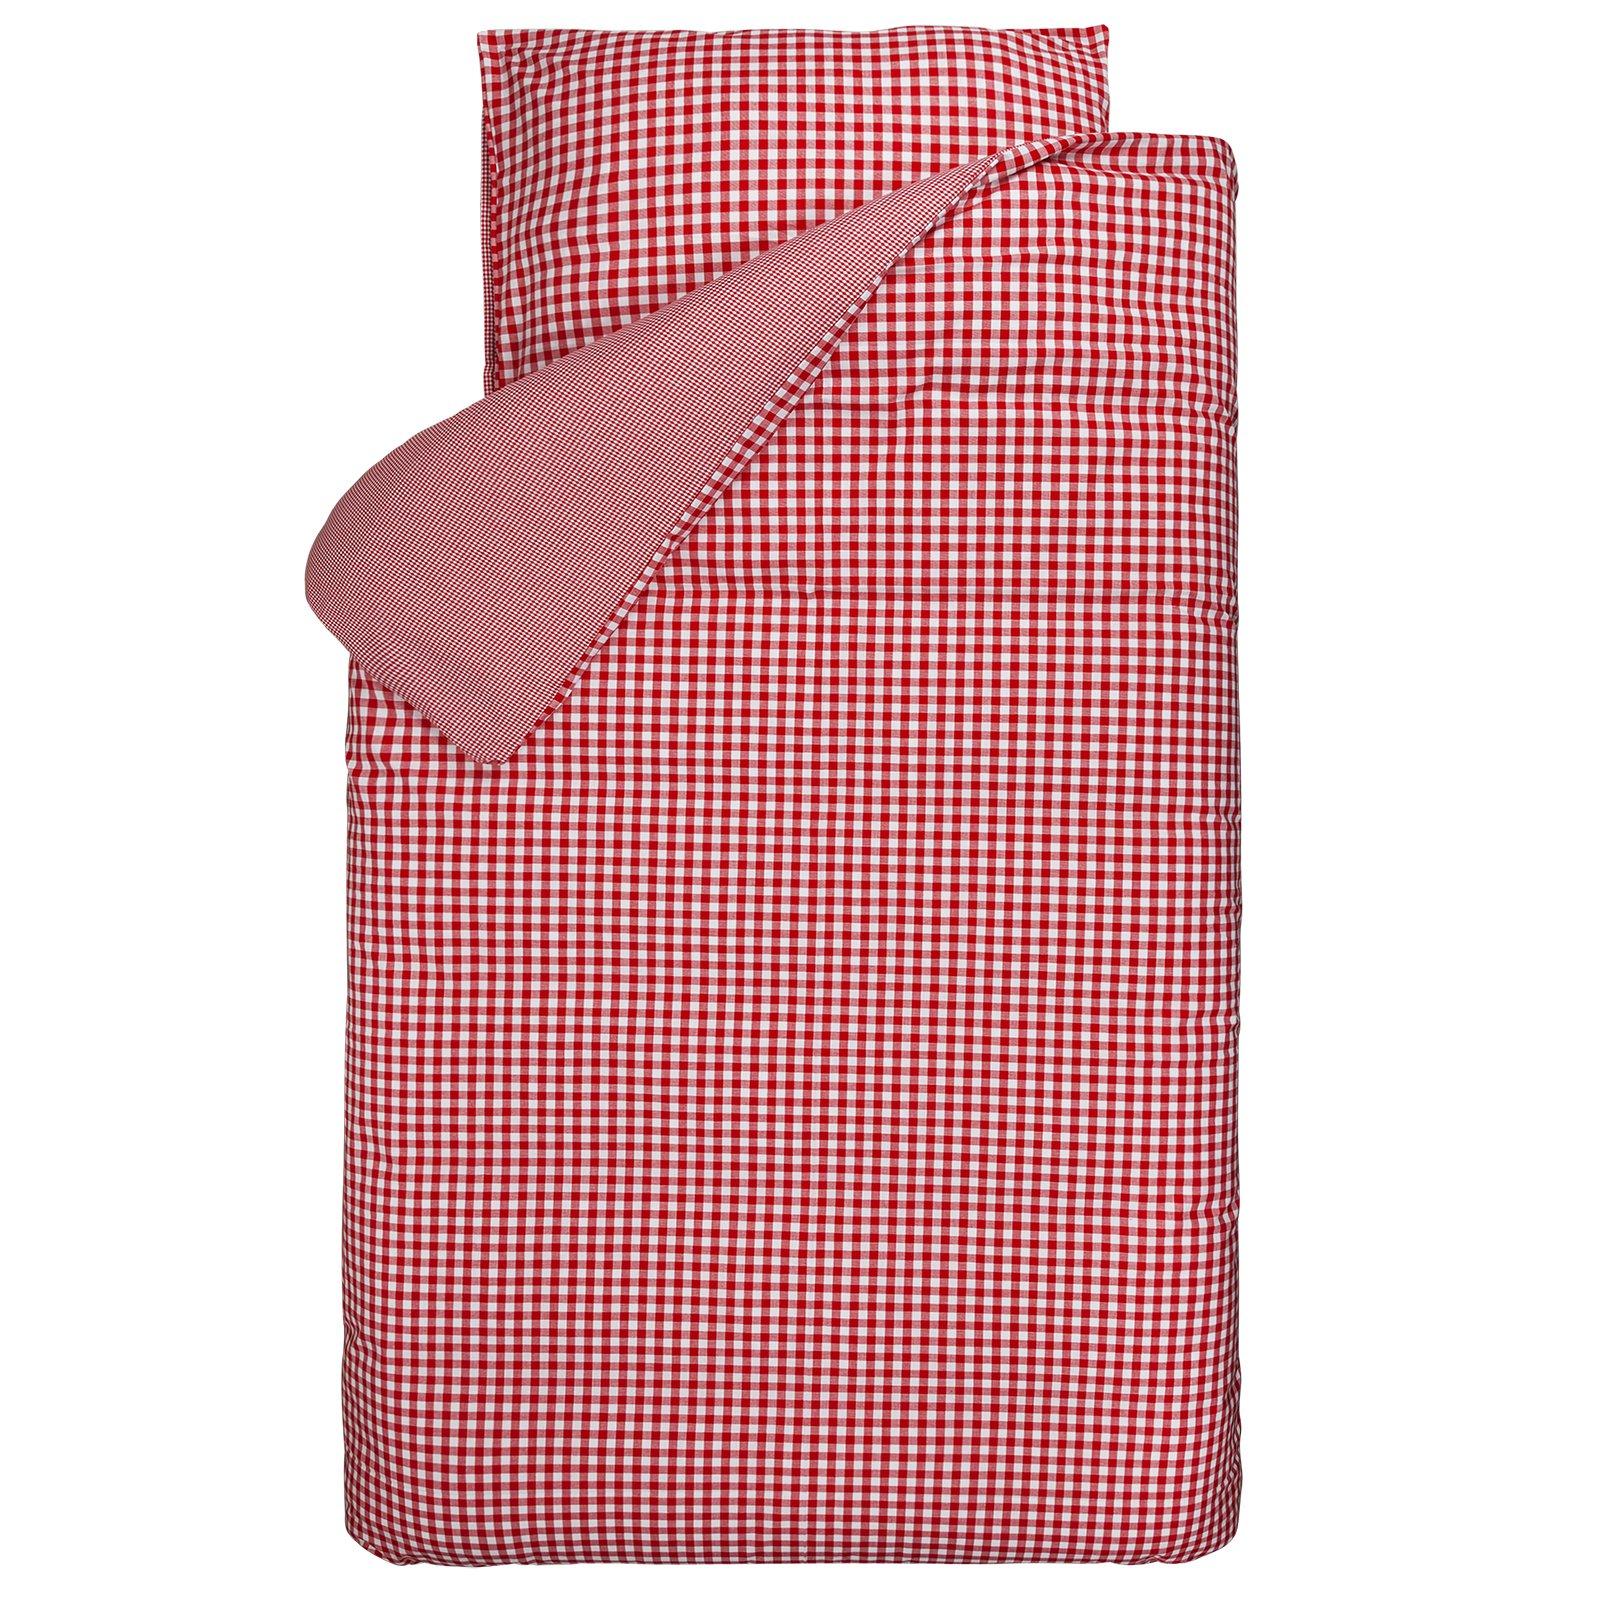 dekbedovertrek BB rood 140×220